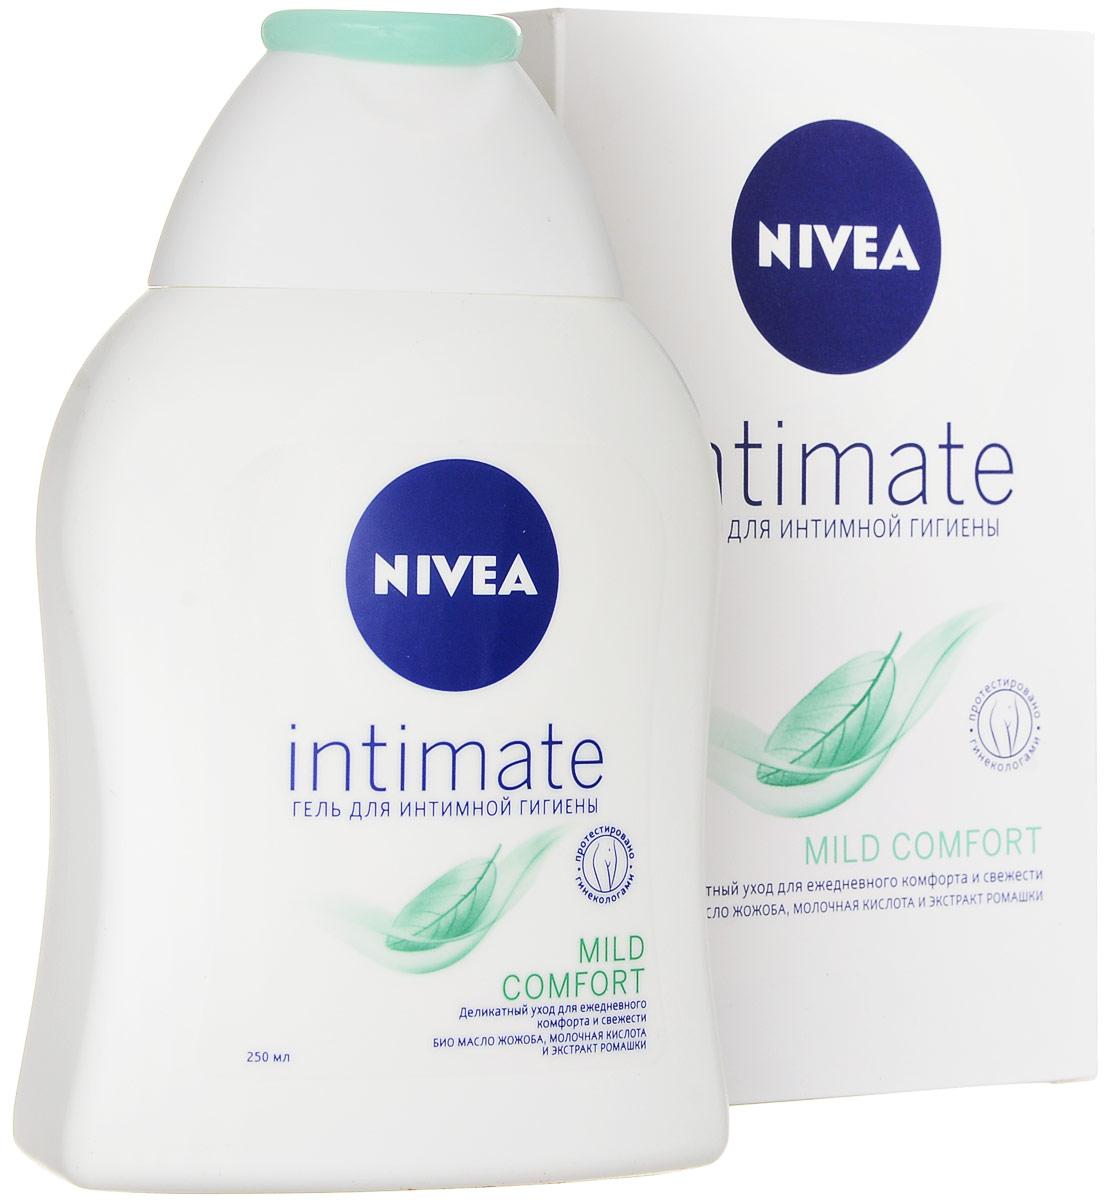 NIVEA Гель для интимной гигиены Mild Comfort, 250 мл10012510